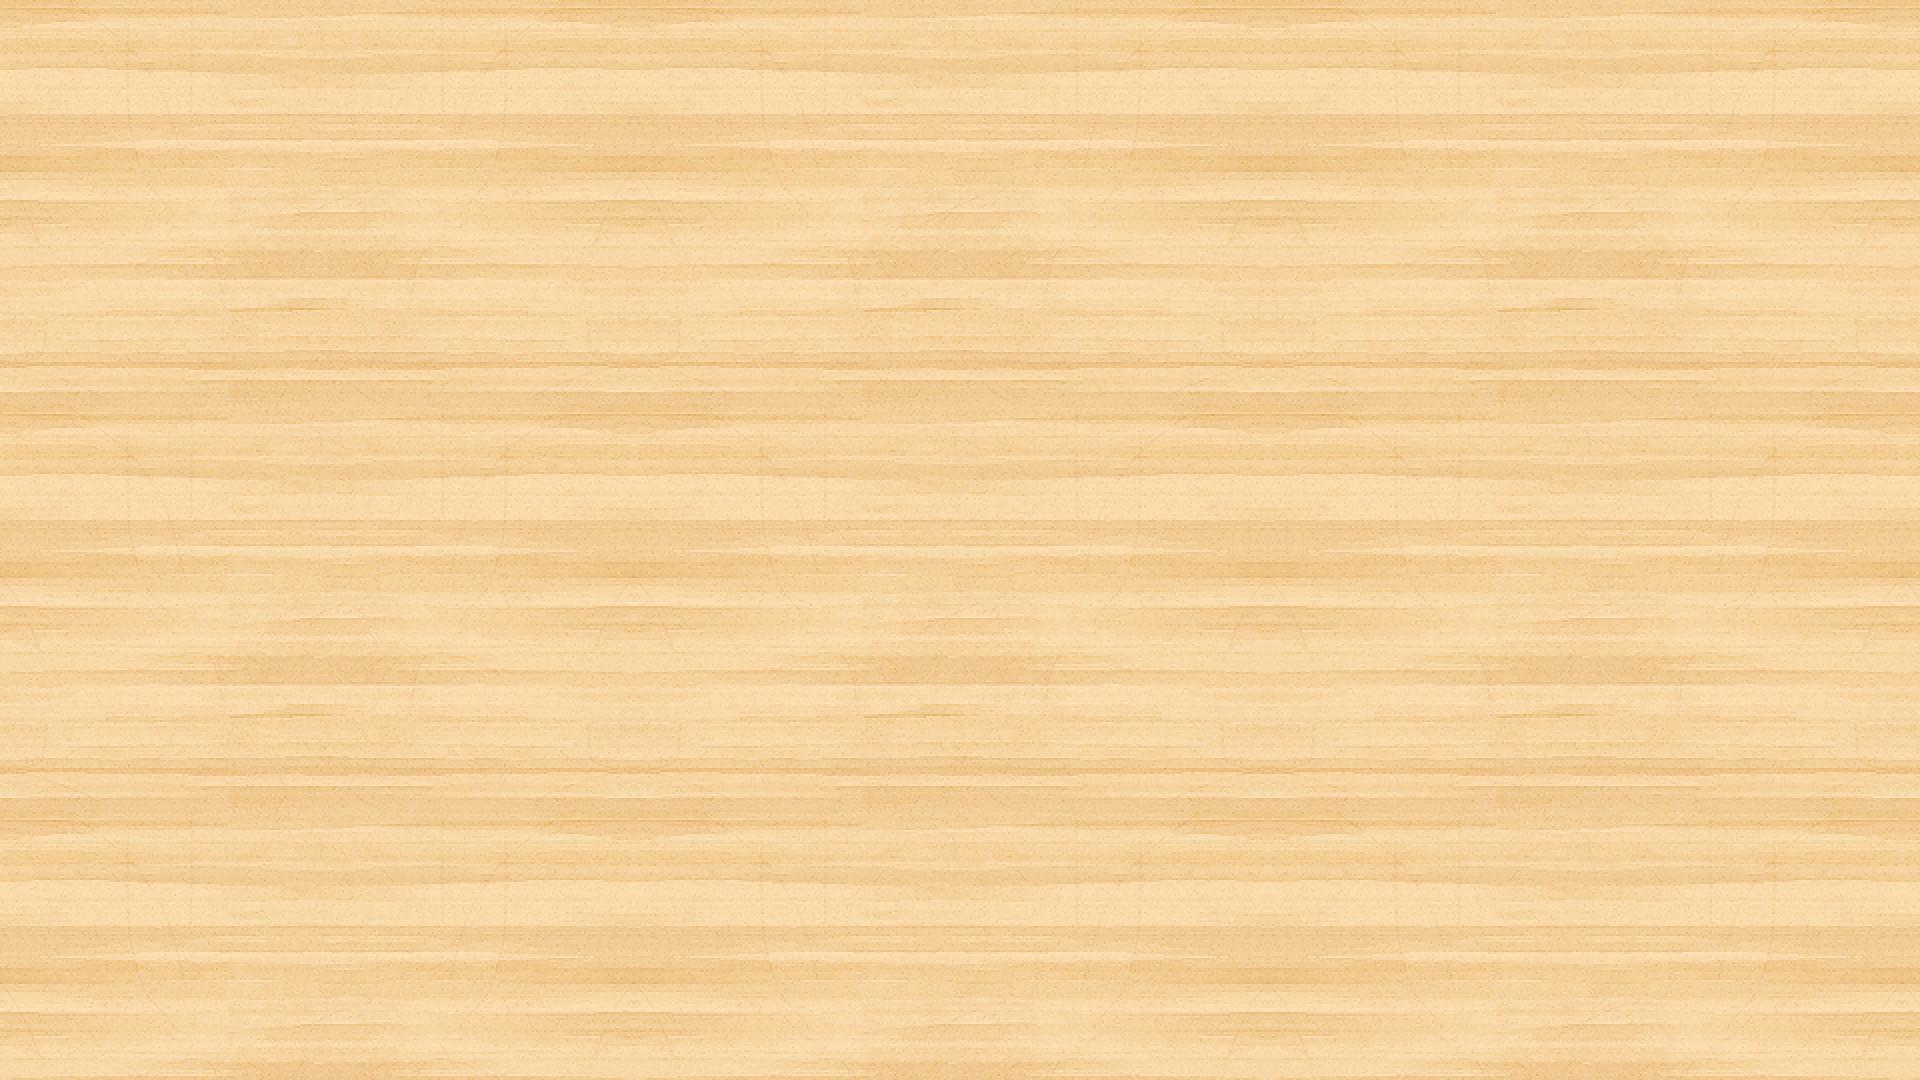 Light Wood Floor Background. 2560x1600  Hardwood Floor Wallpaper 48 images